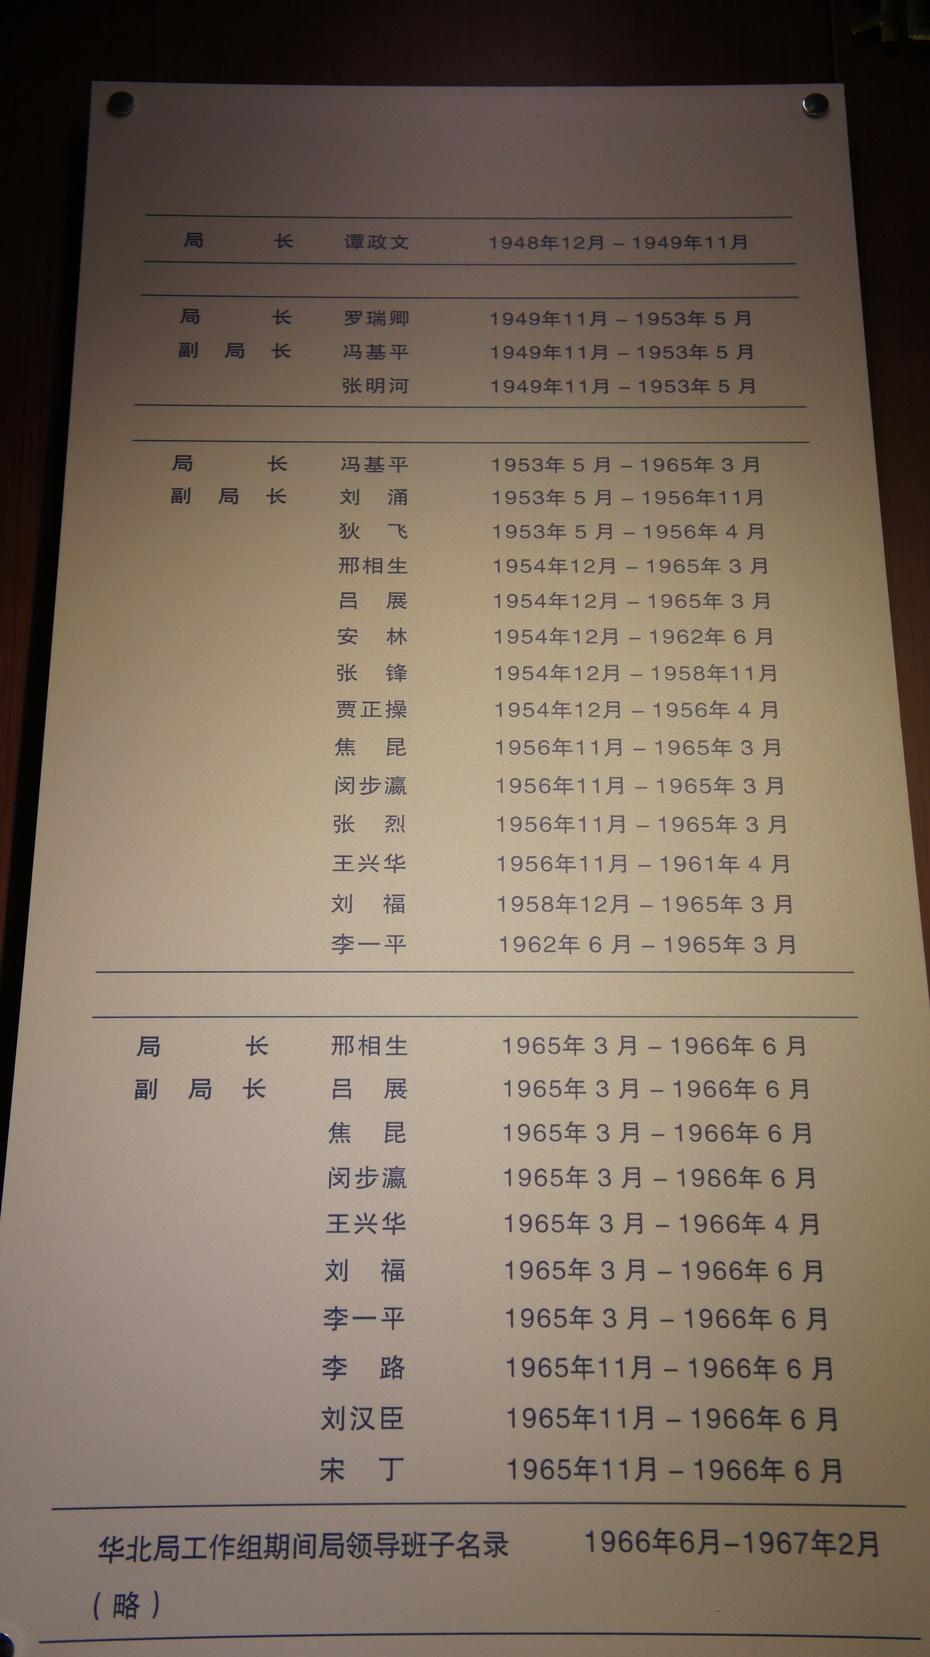 走进北京警察博物馆 - 余昌国 - 我的博客